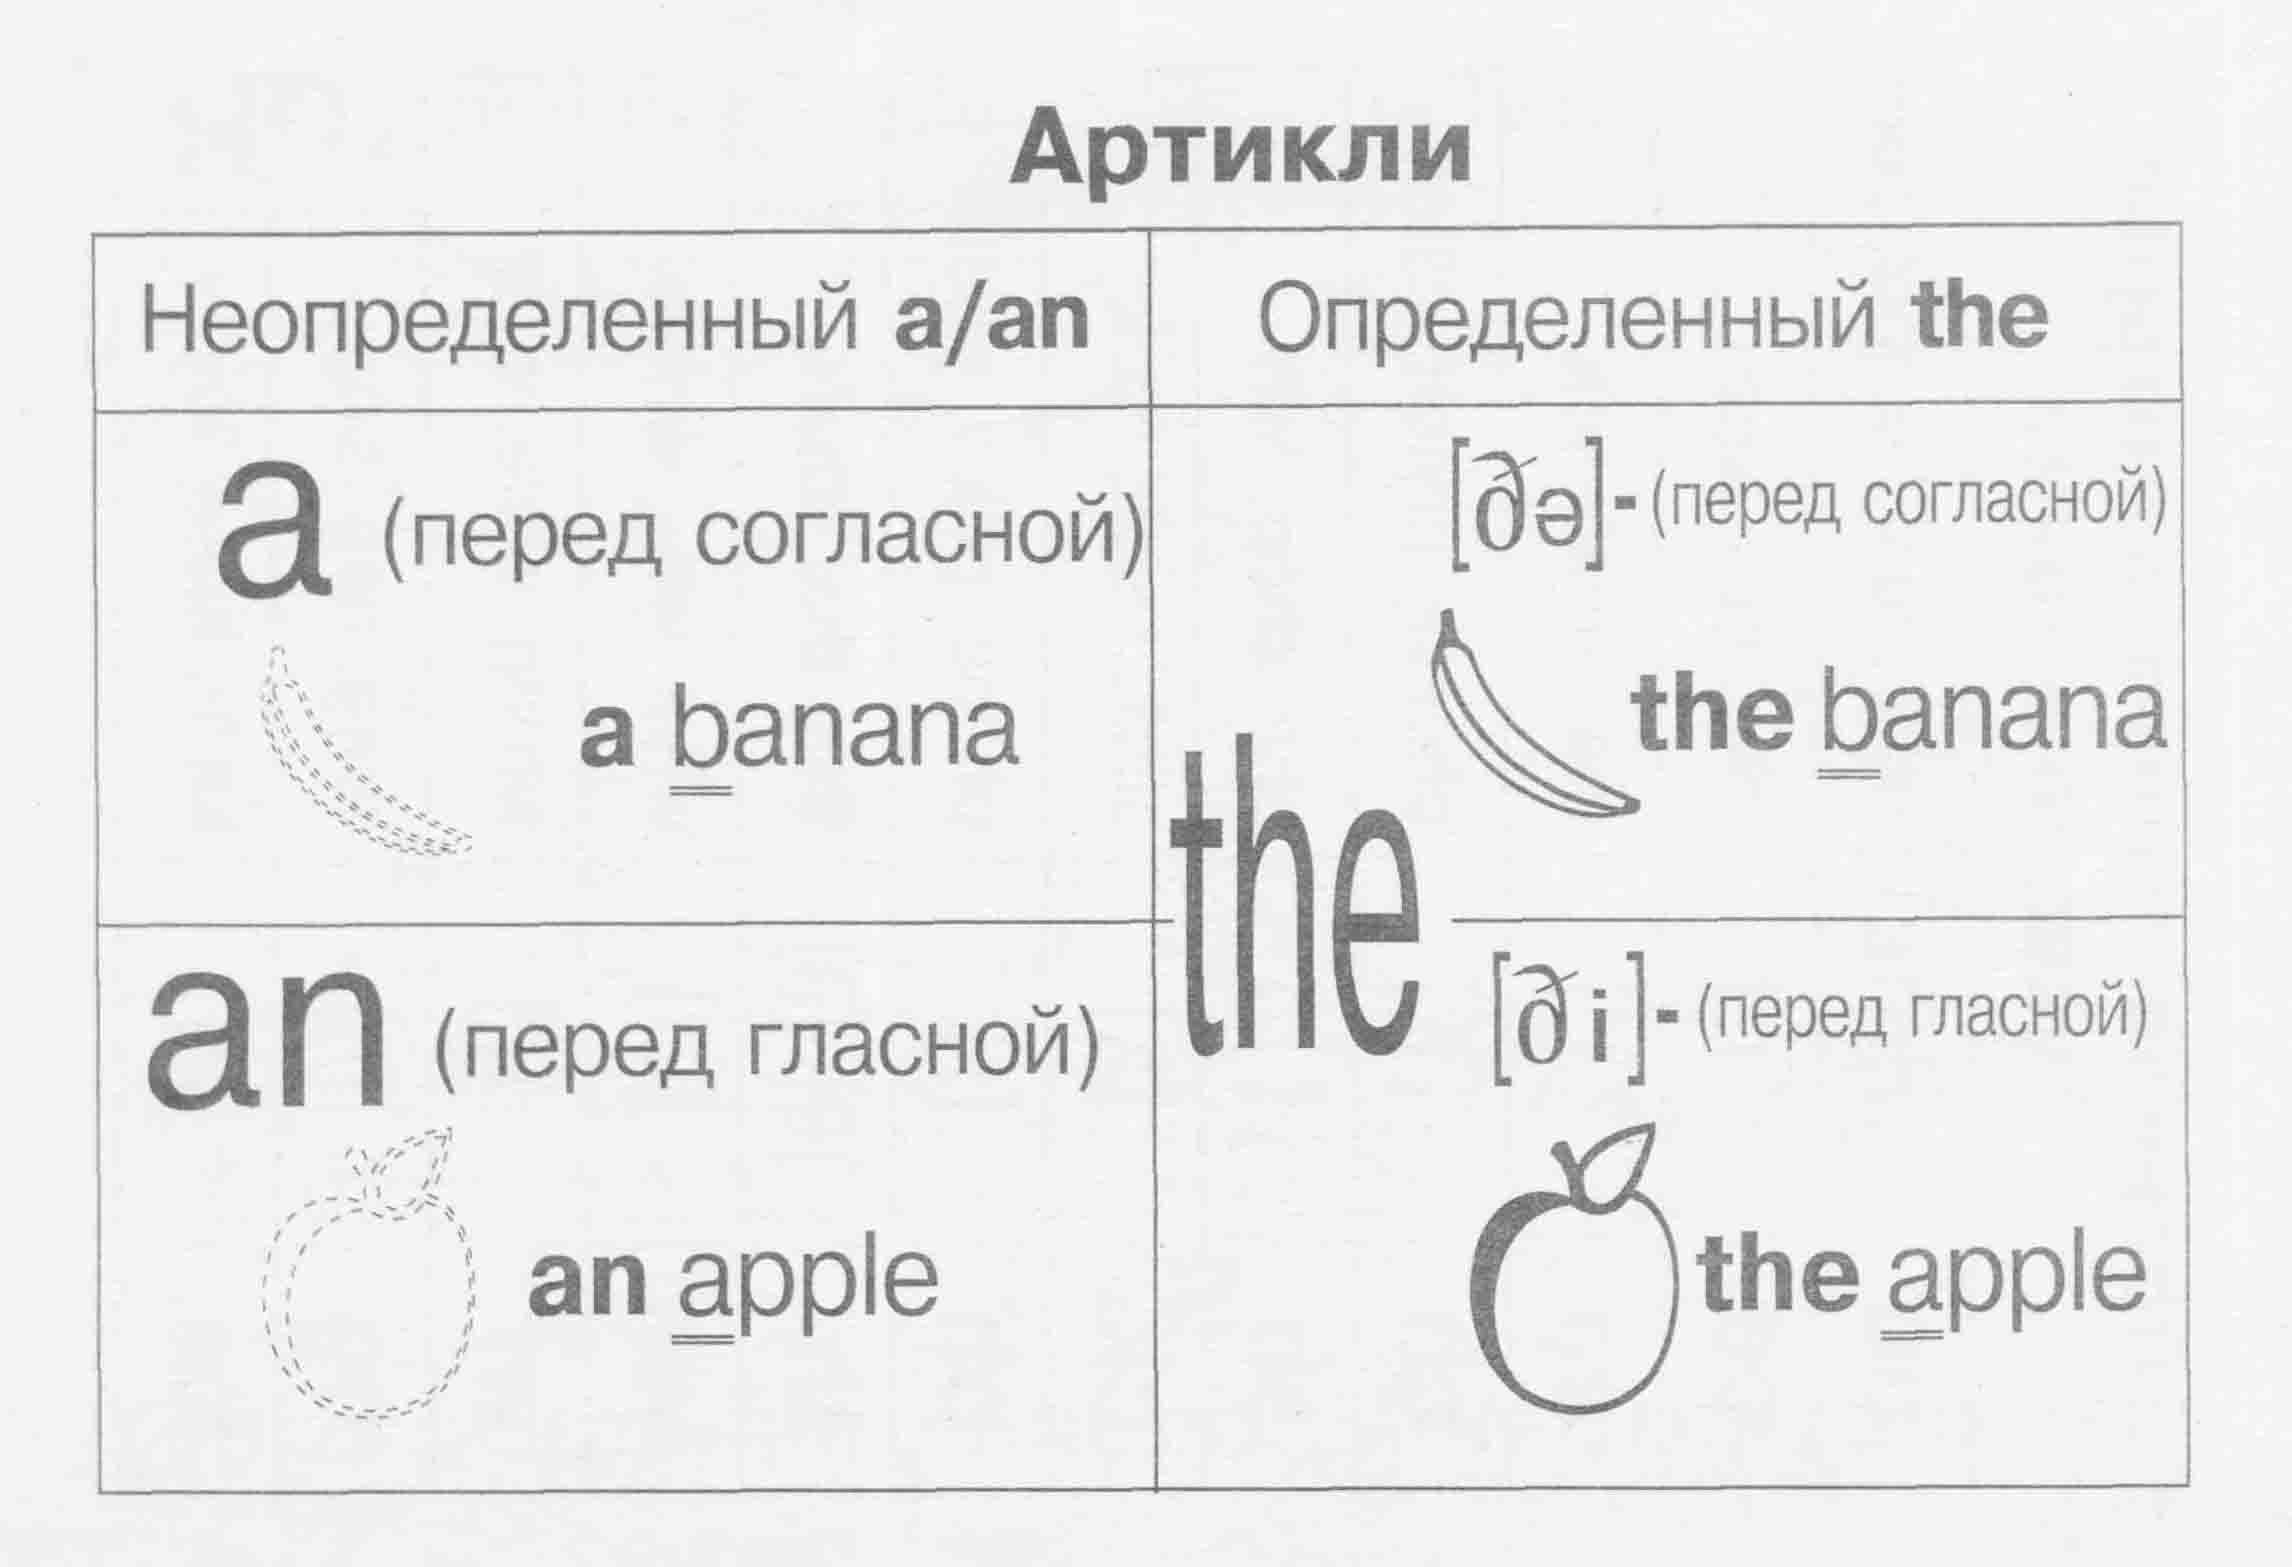 Когда пишется артикль the в английском языке